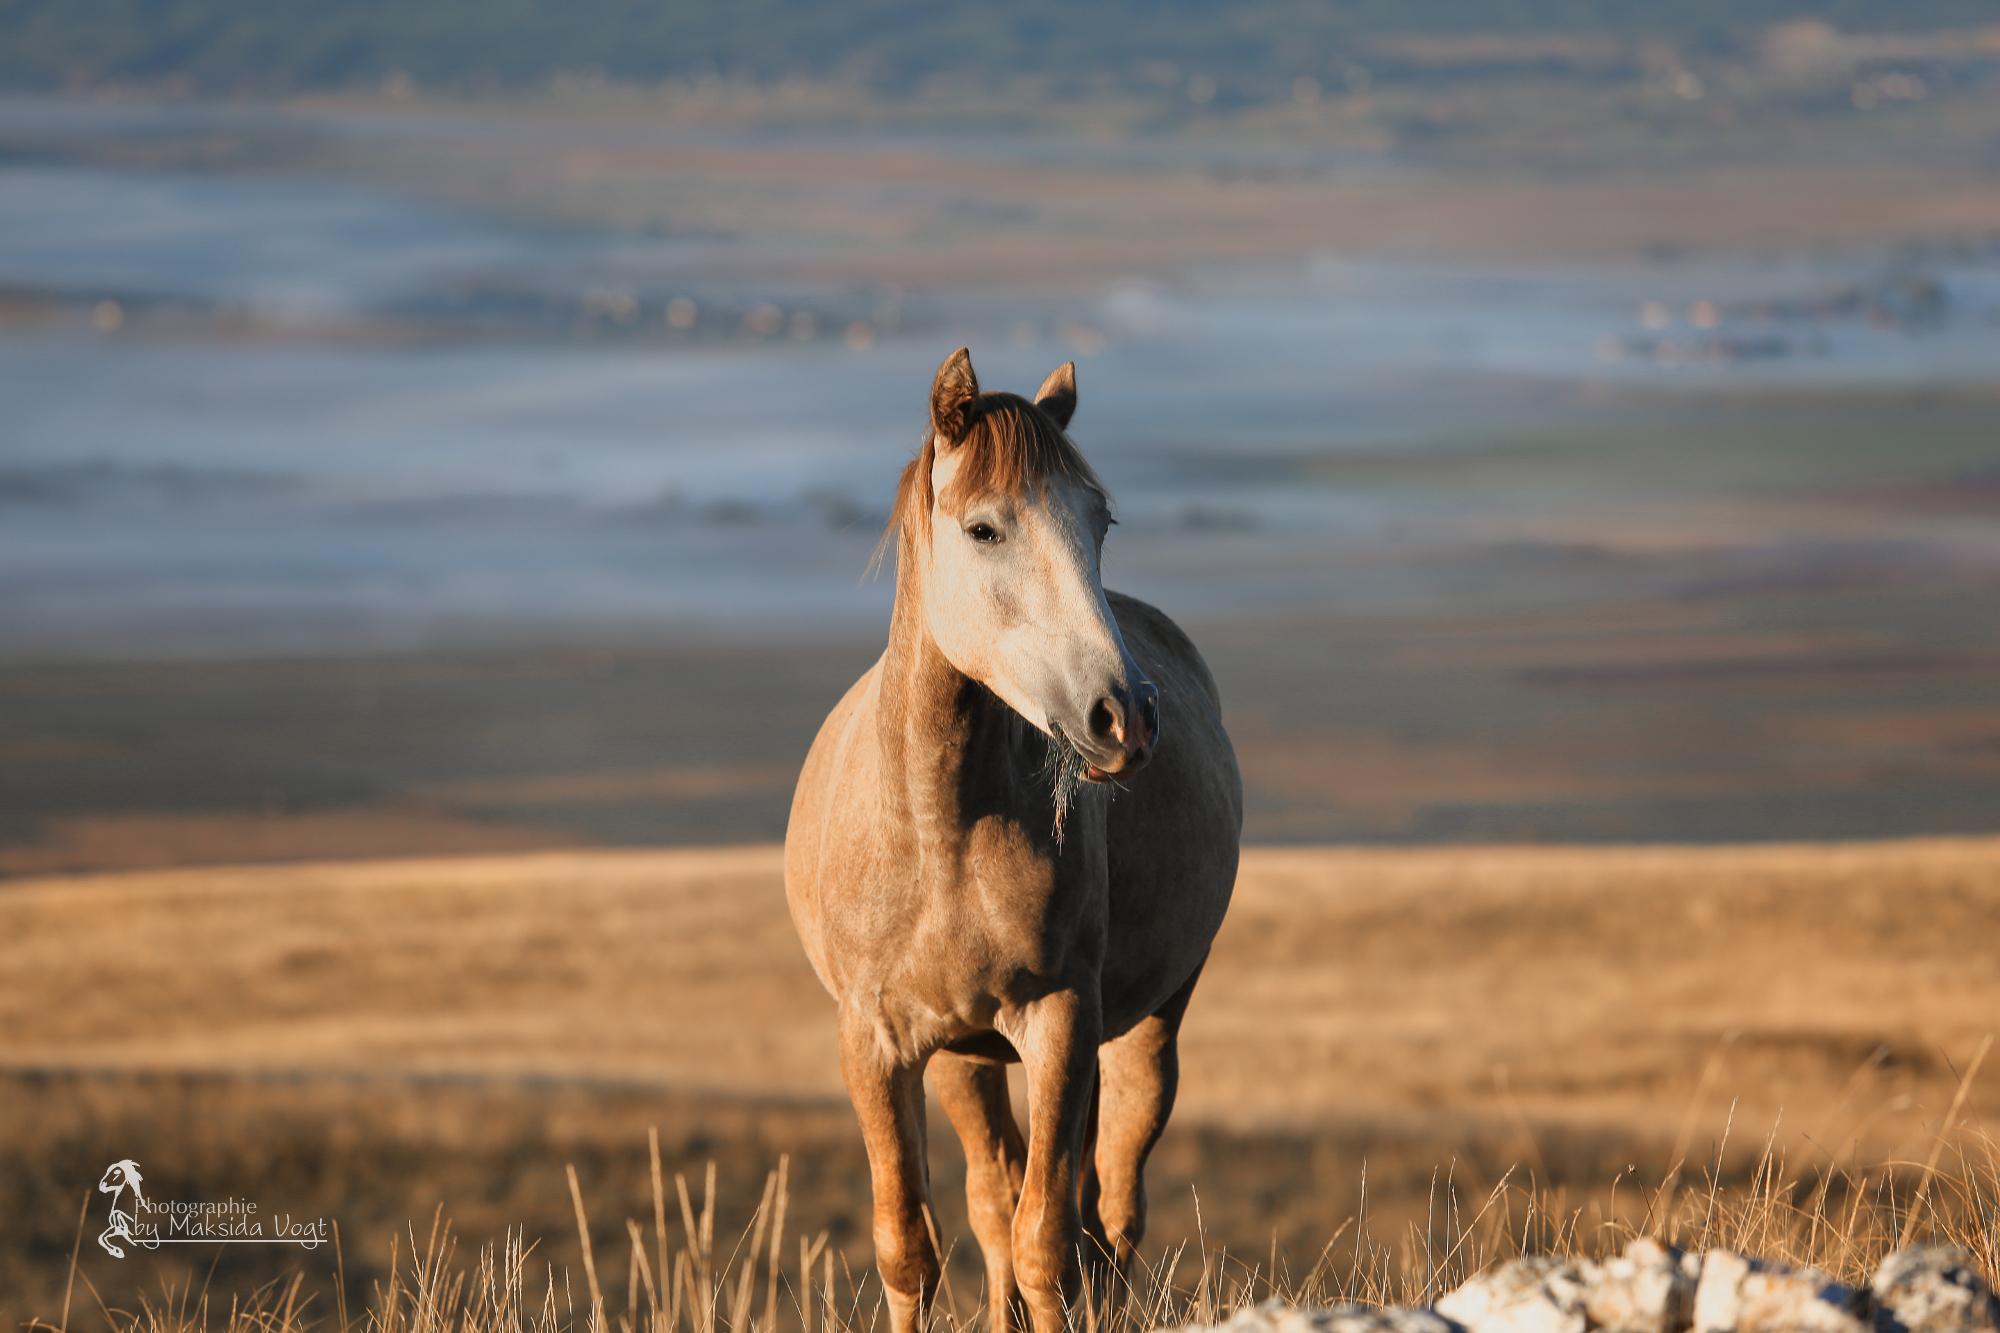 Friedfertigkeit der Pferde wird unterstrichen durch die schönsten Farben des Morgenhimmels. © Maksida Vogt